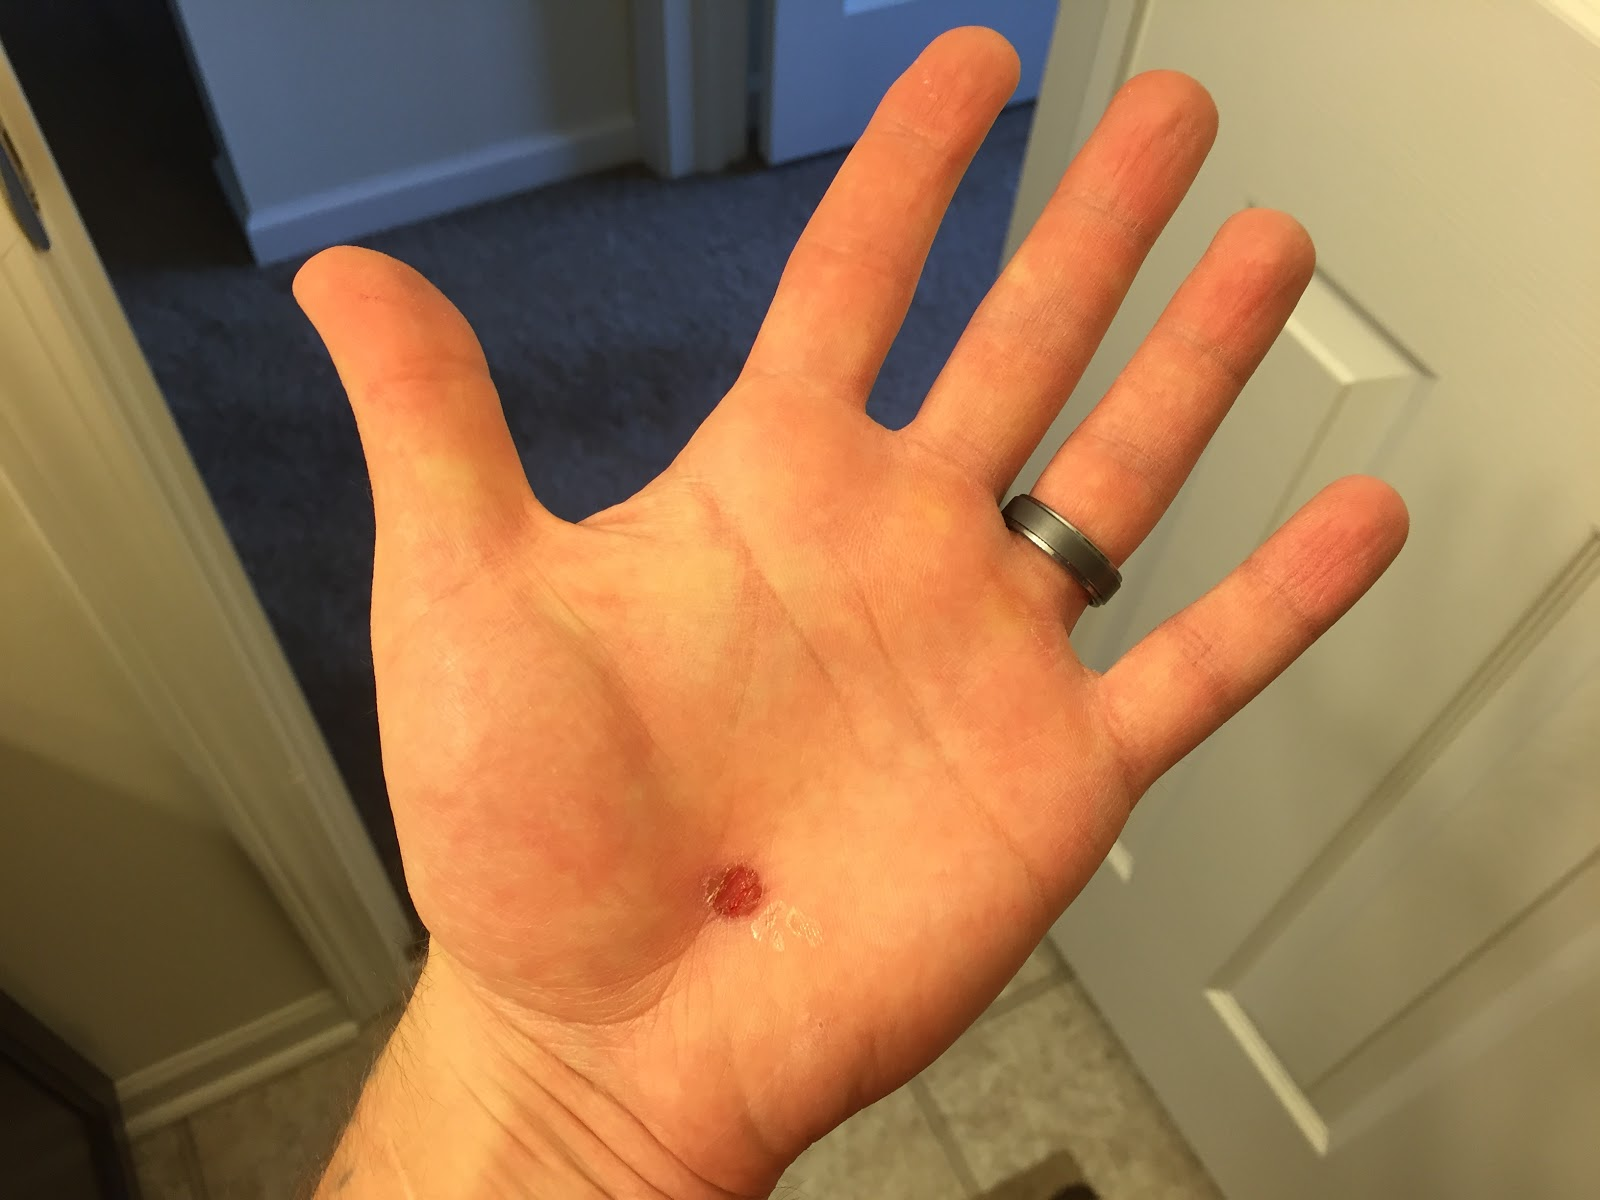 blister on hand